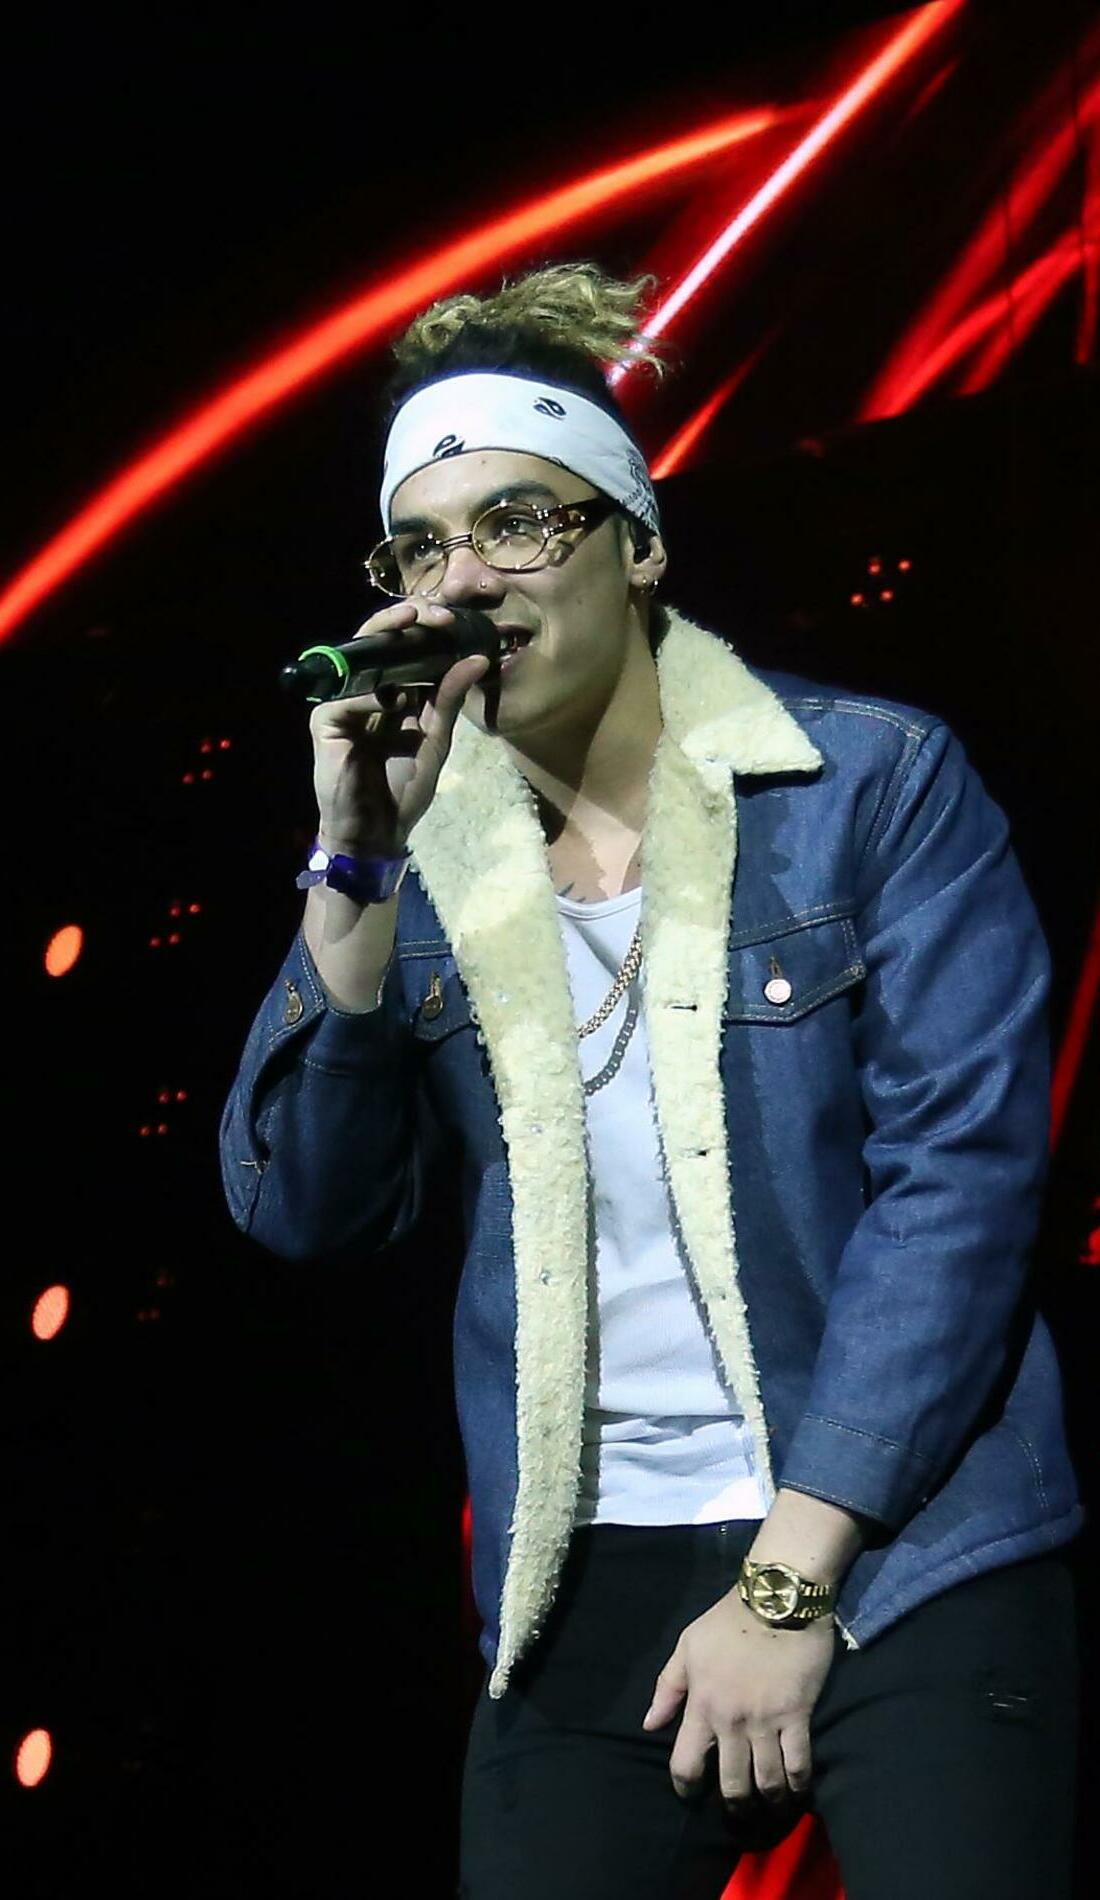 A William Singe live event